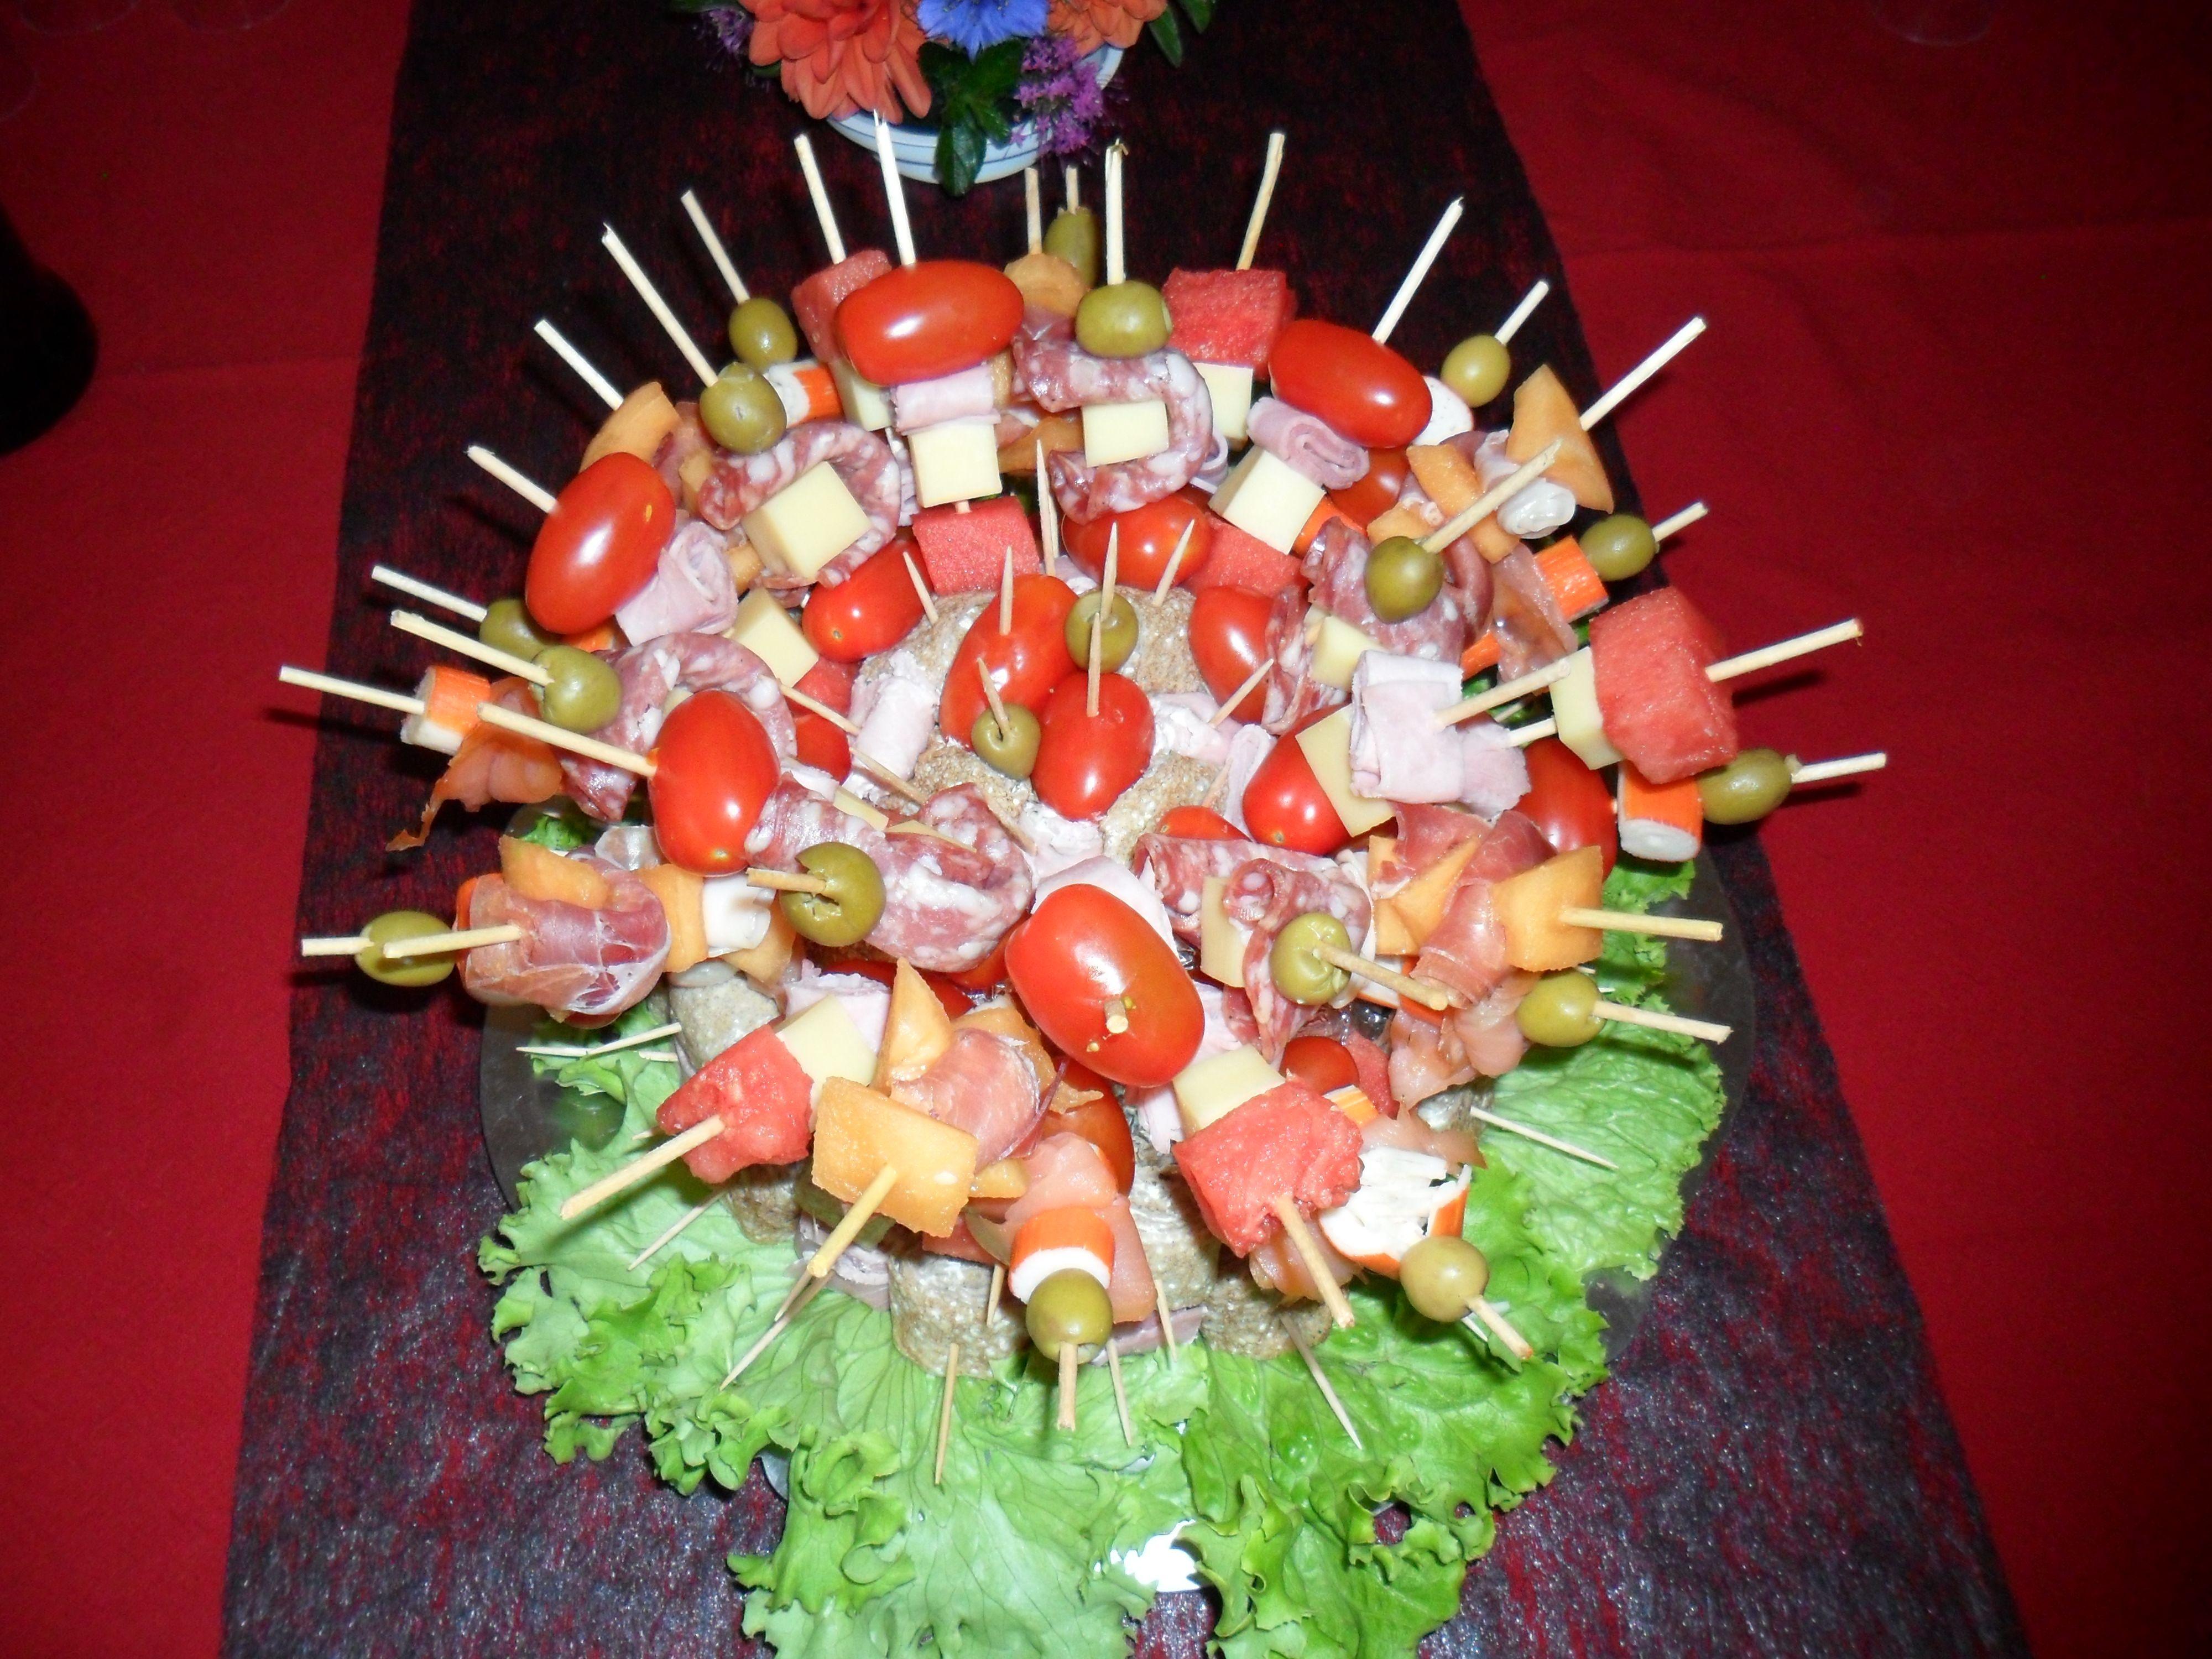 pr paration pour buffet froid saveurs d 39 t tomates cerises melon past que jambon et. Black Bedroom Furniture Sets. Home Design Ideas